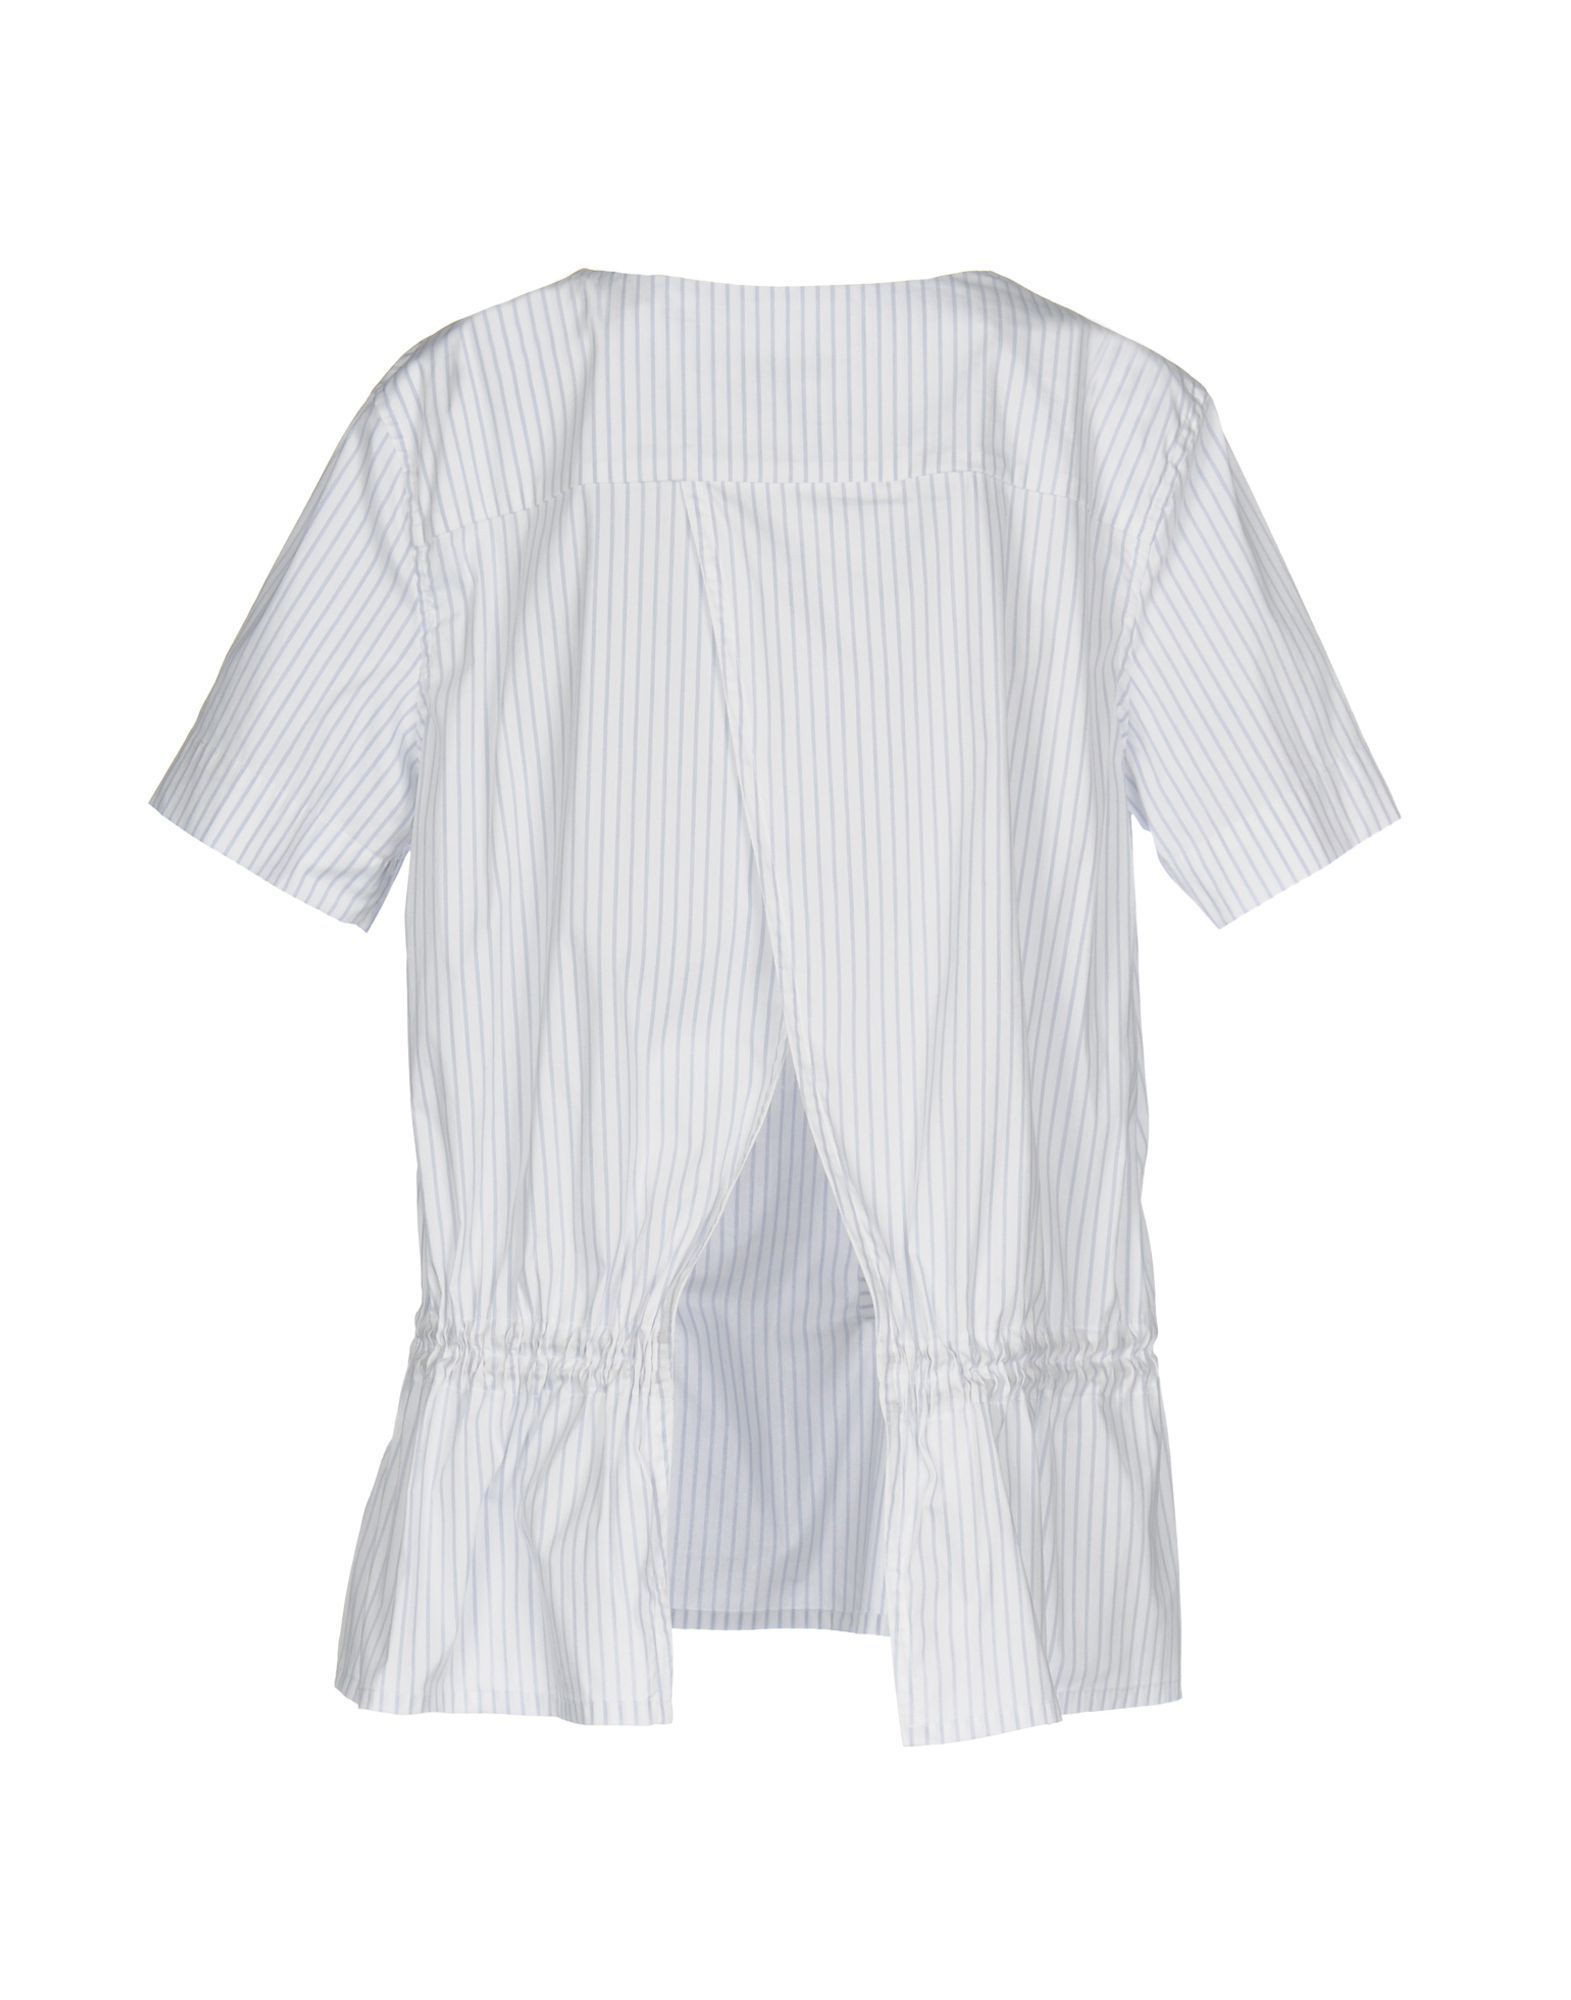 SHIRTS Malo White Woman Cotton